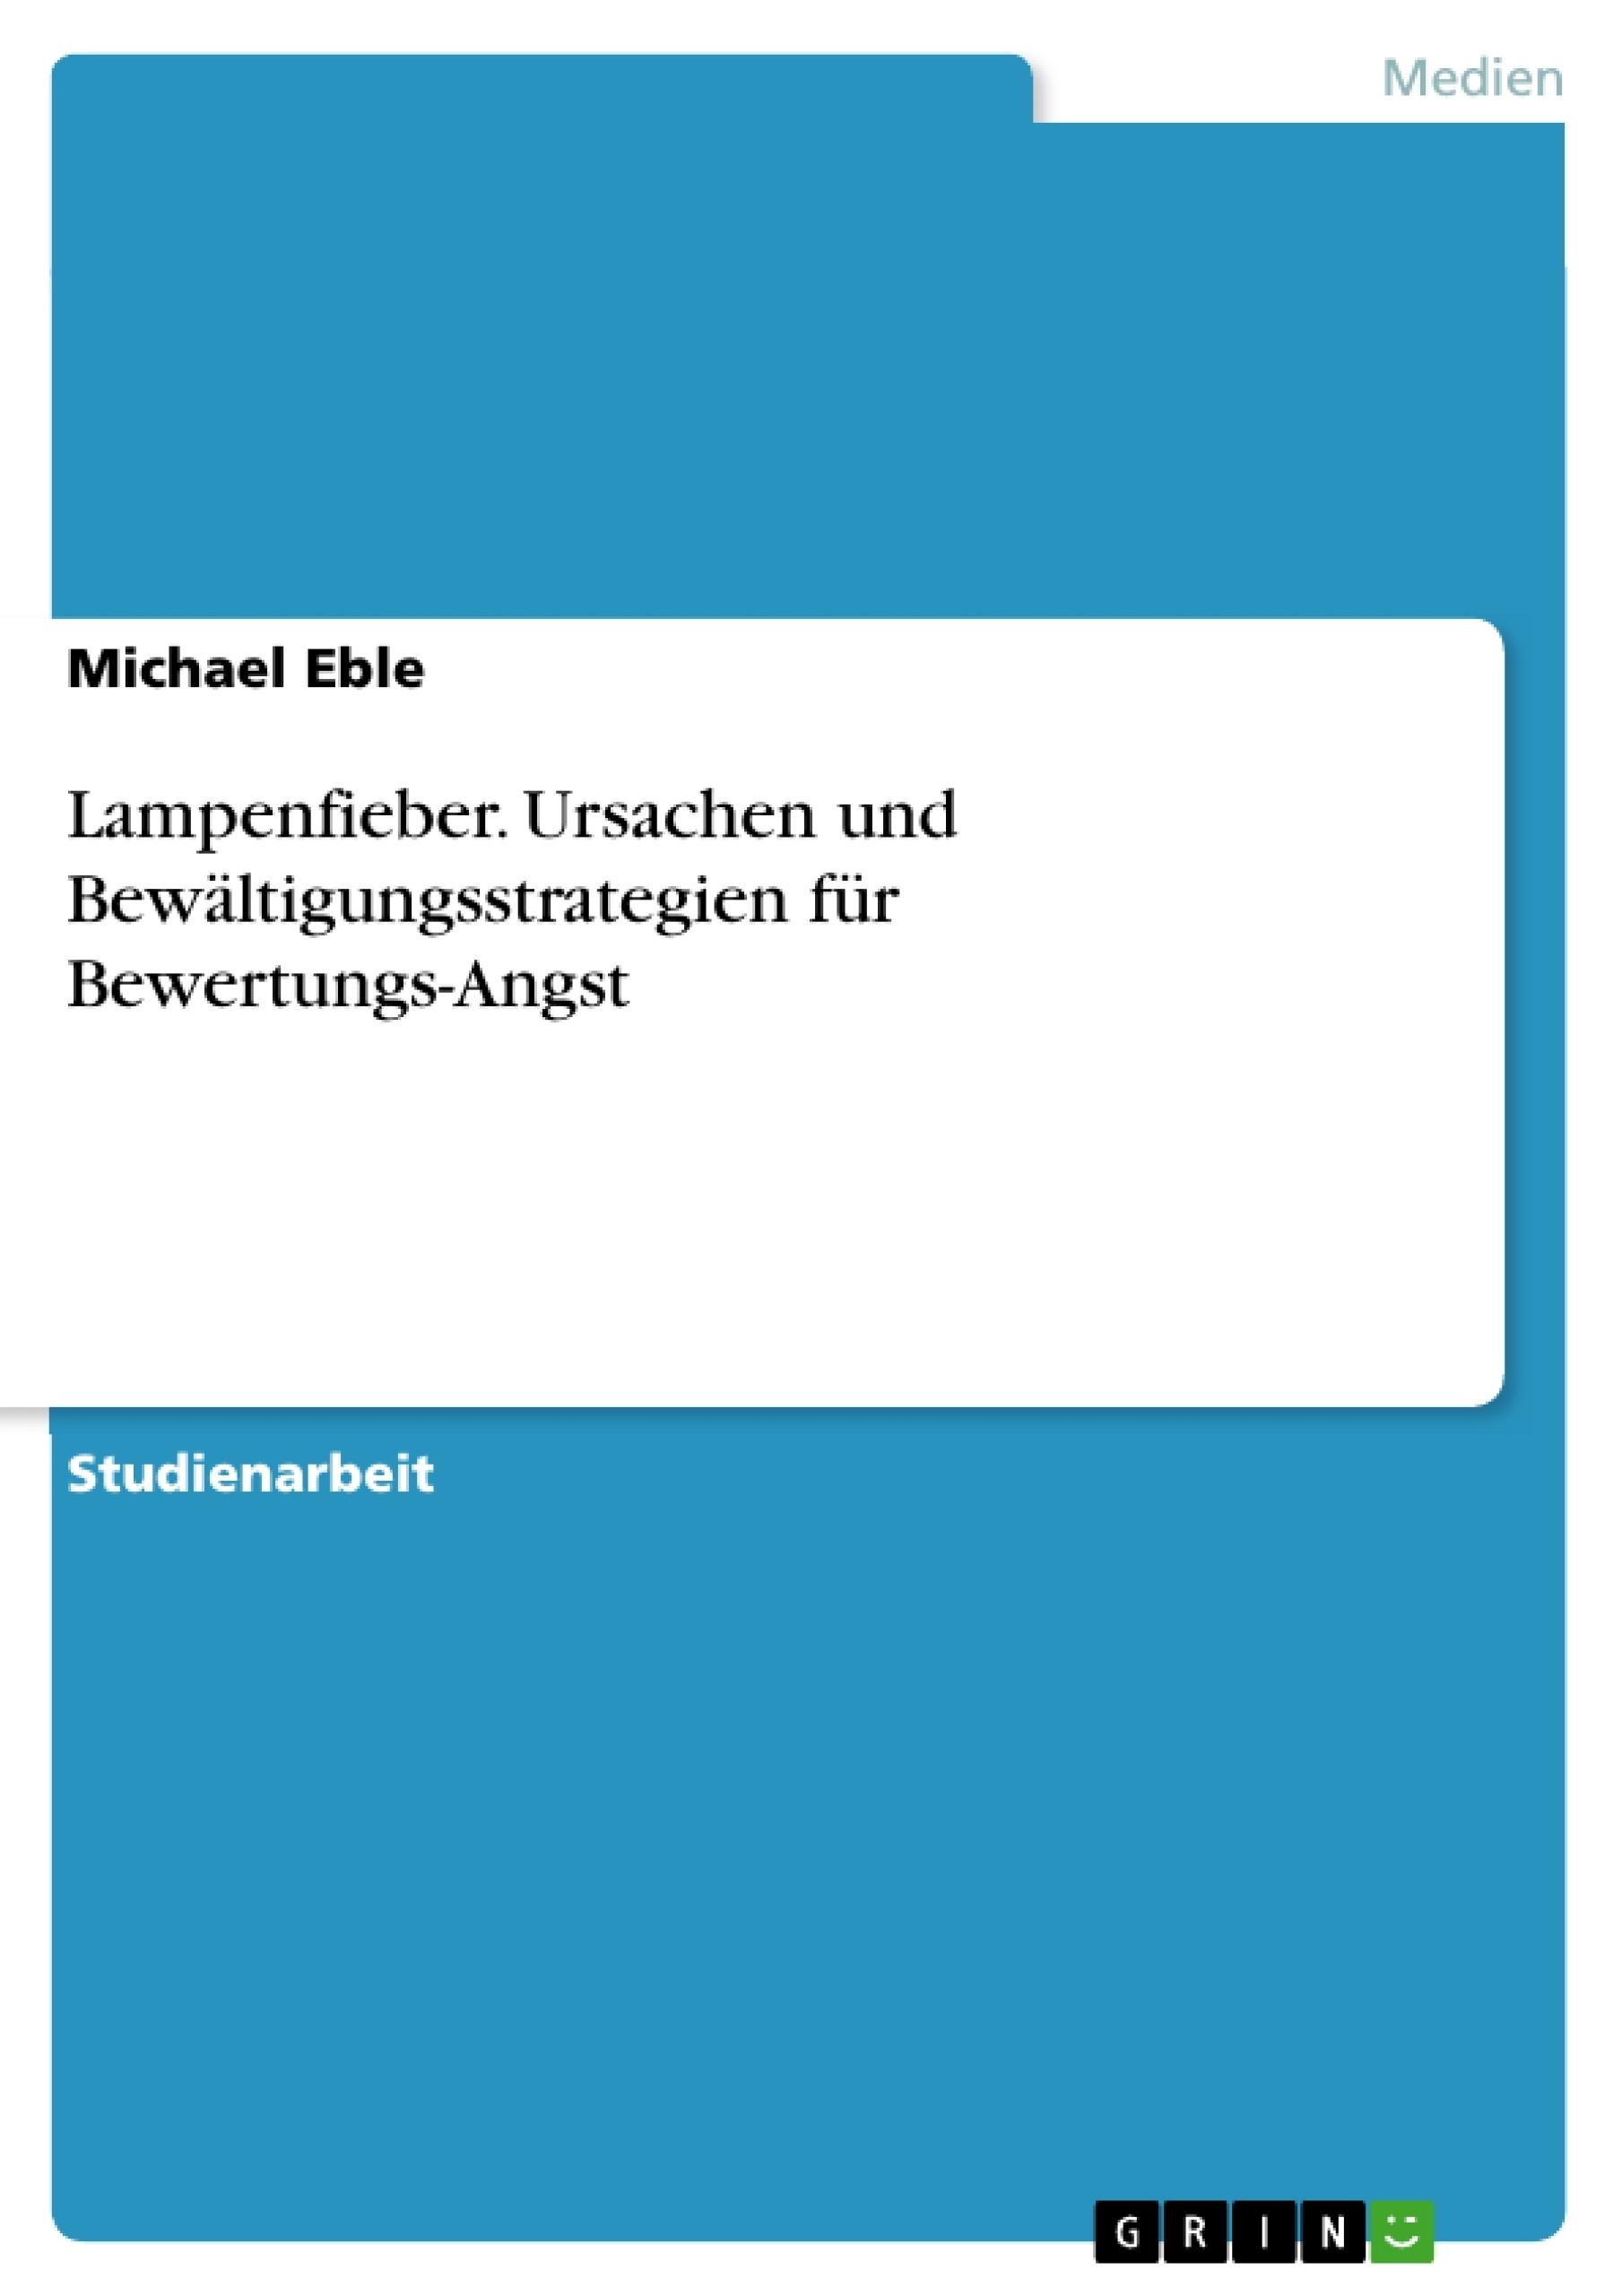 Titel: Lampenfieber. Ursachen und Bewältigungsstrategien für Bewertungs-Angst